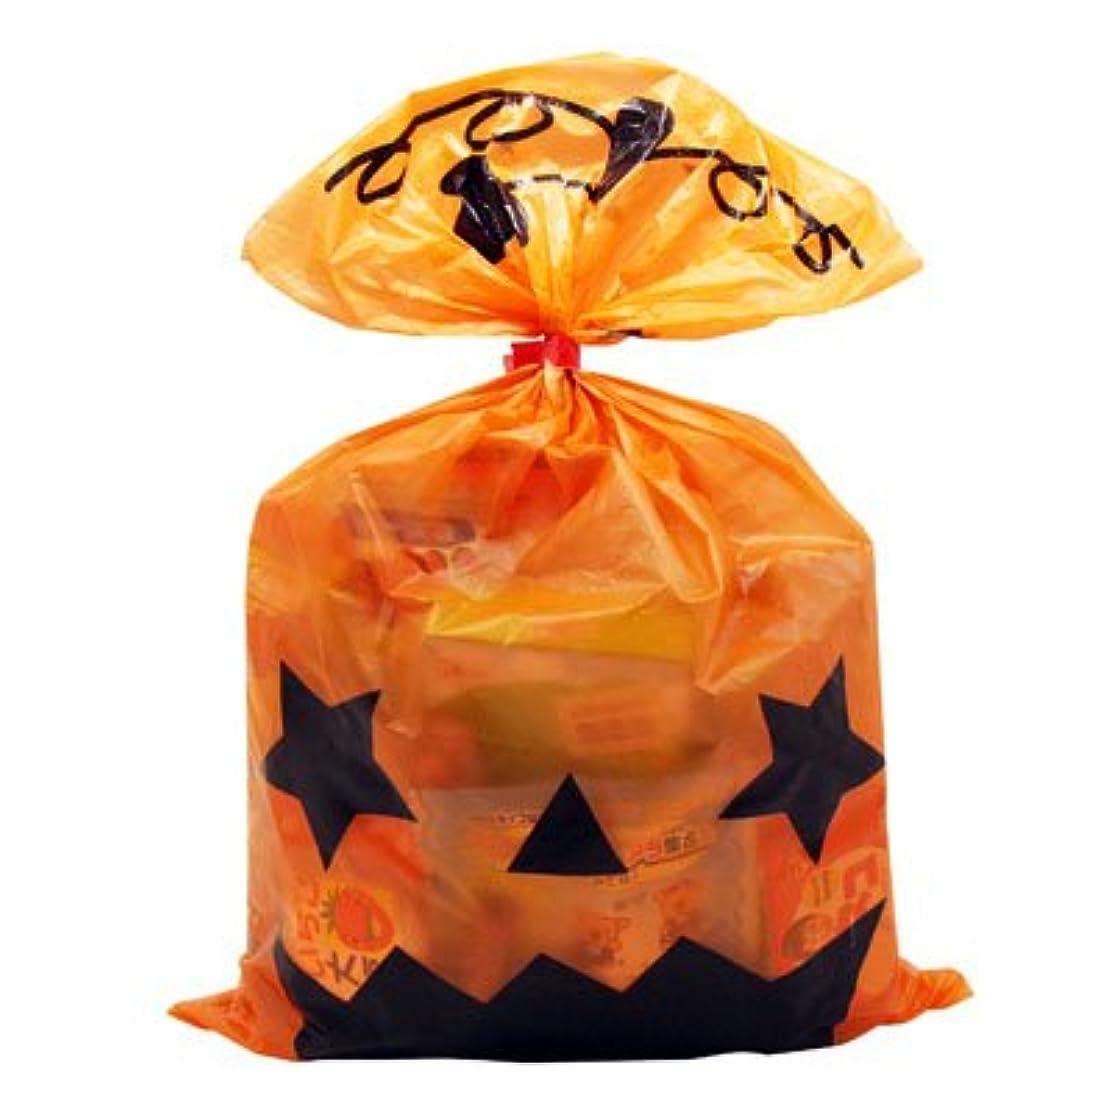 吸収剤直面するドラマハロウィン袋 480円 お菓子 詰め合わせ (Bセット) 駄菓子 袋詰め おかしのマーチ